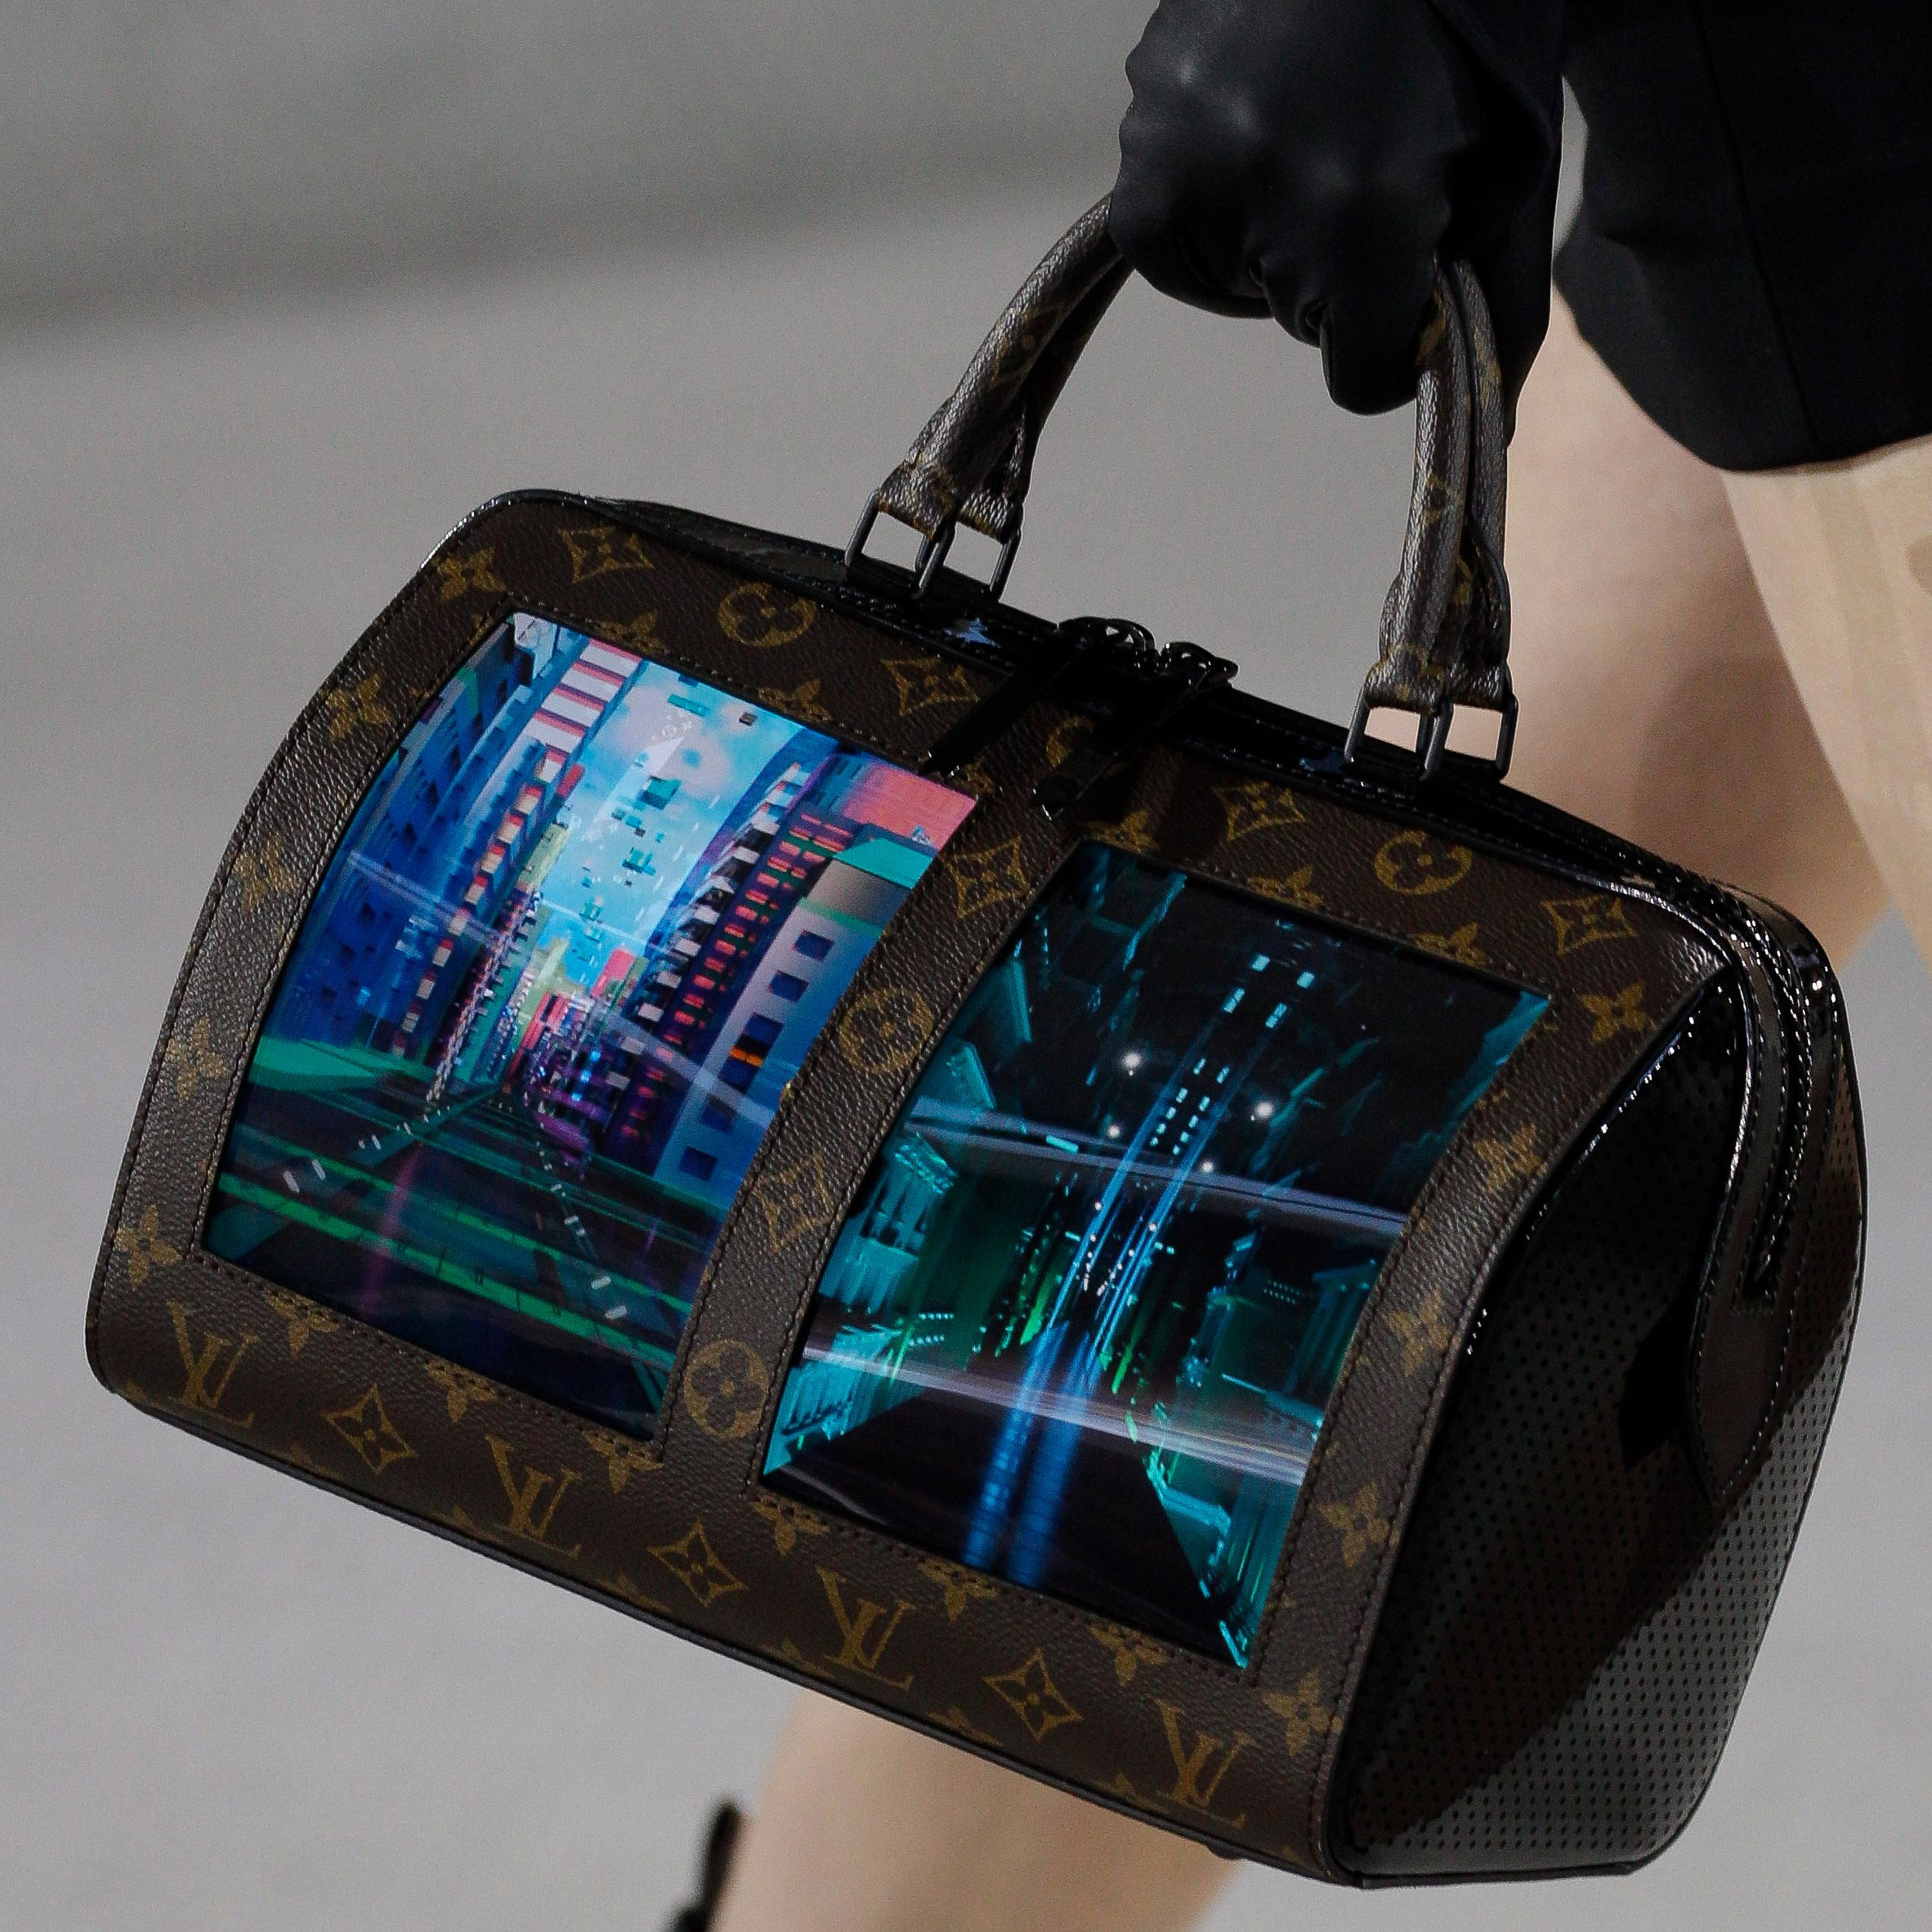 86f5091534d Louis Vuitton premieres